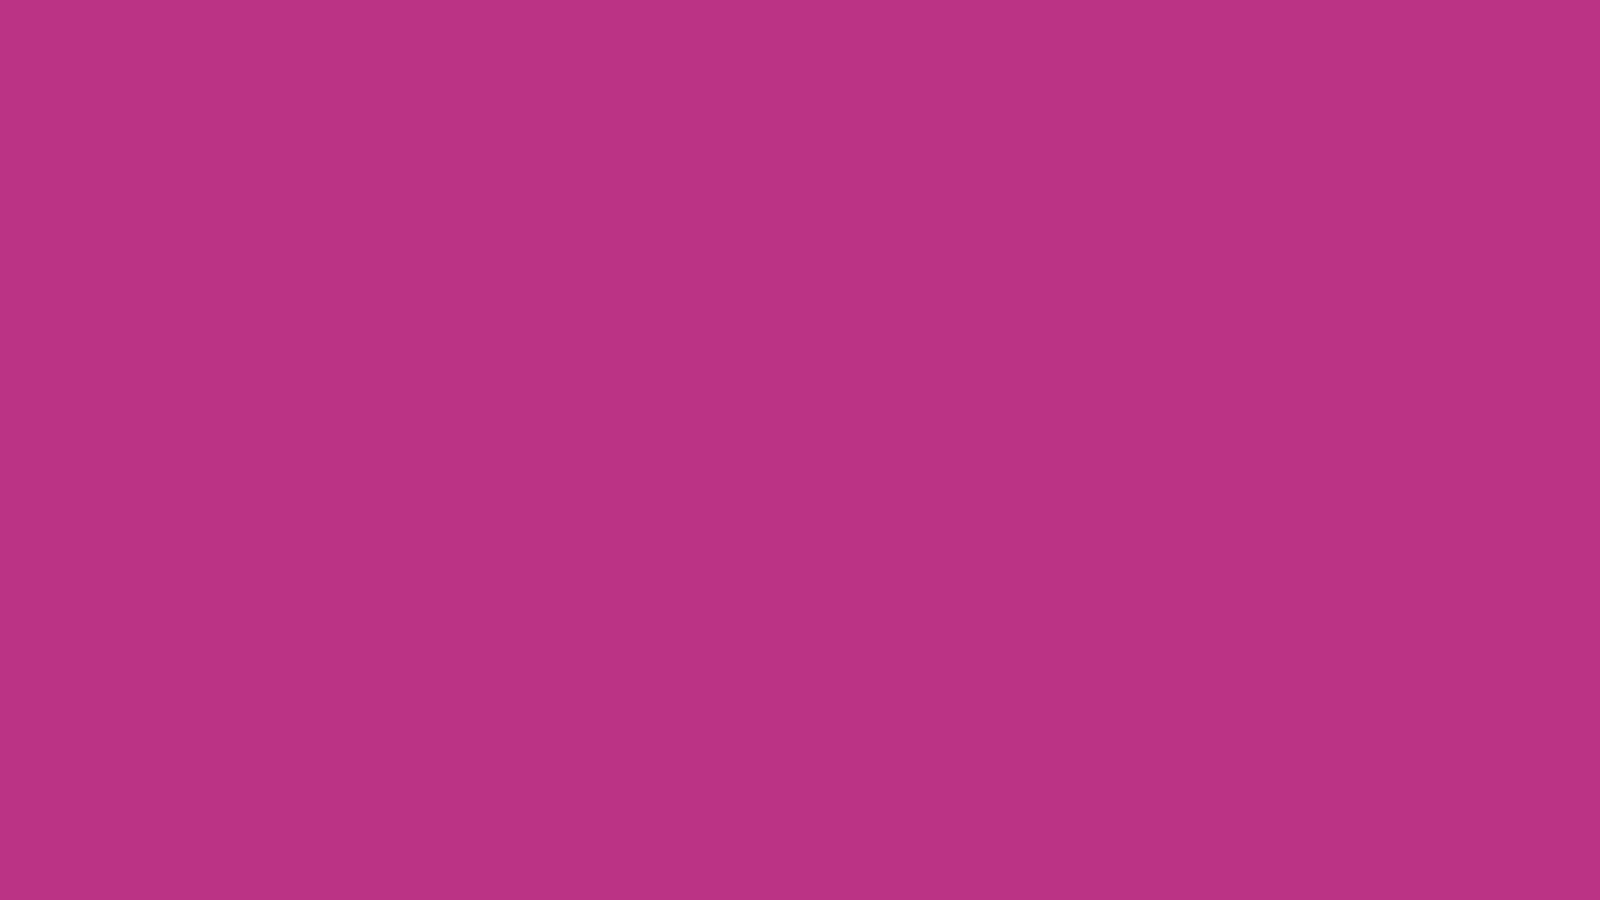 1600x900 Medium Red-violet Solid Color Background